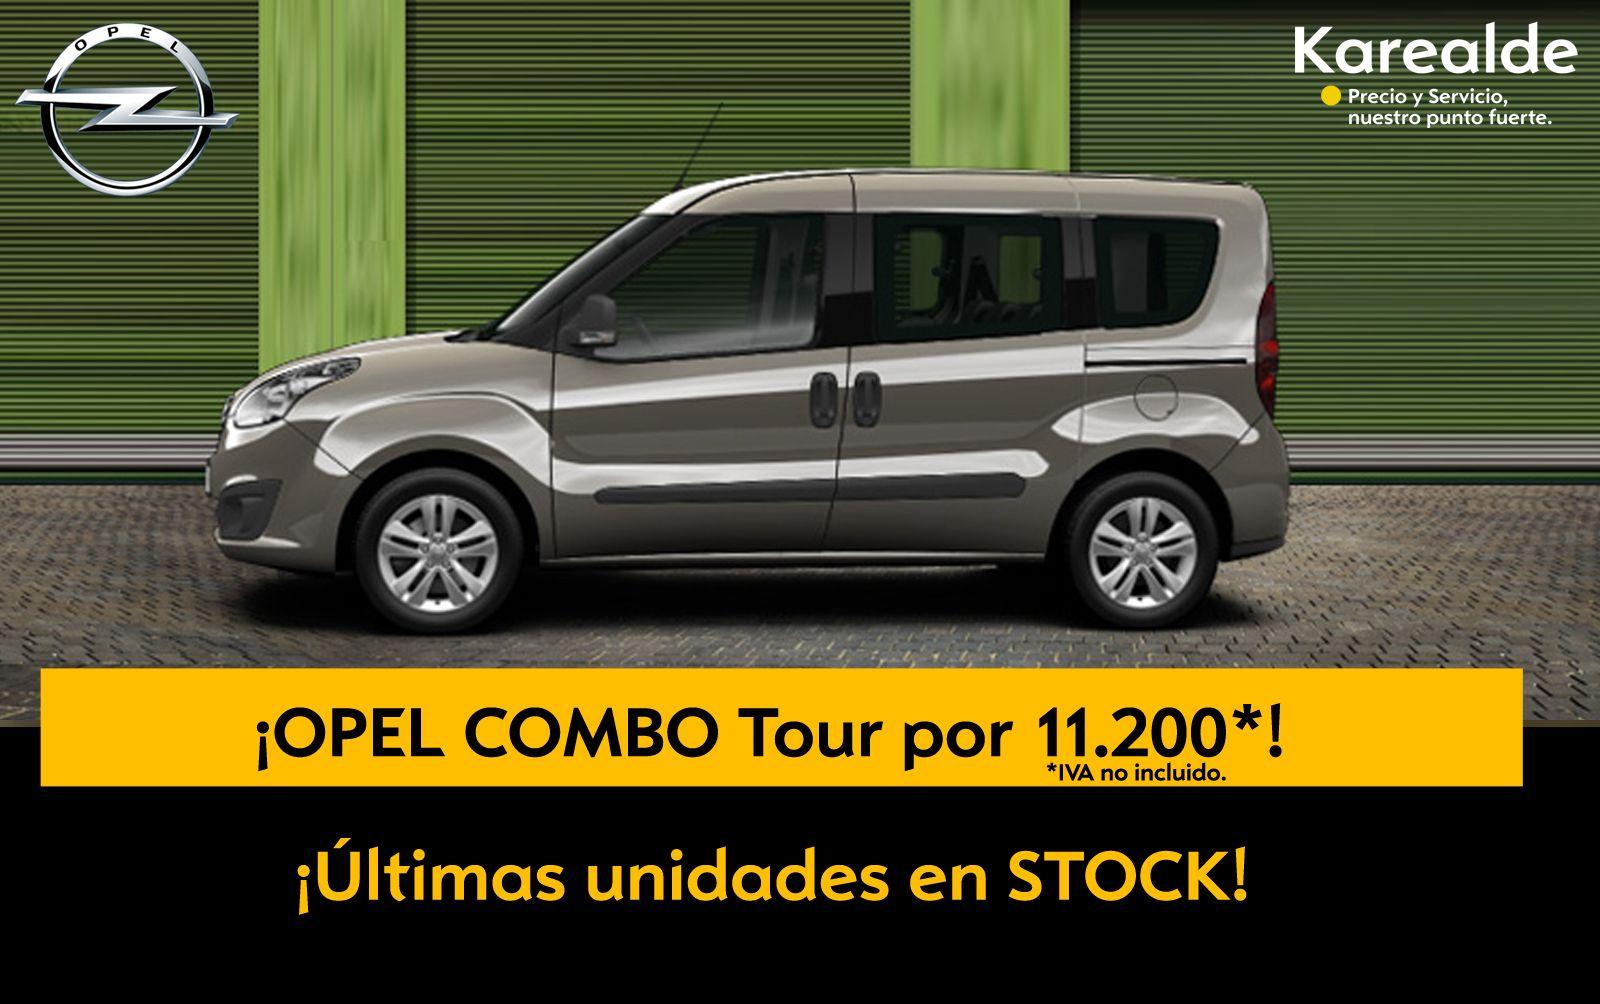 Opel COMBO TOUR- ¡Ultimas unidades en stock!